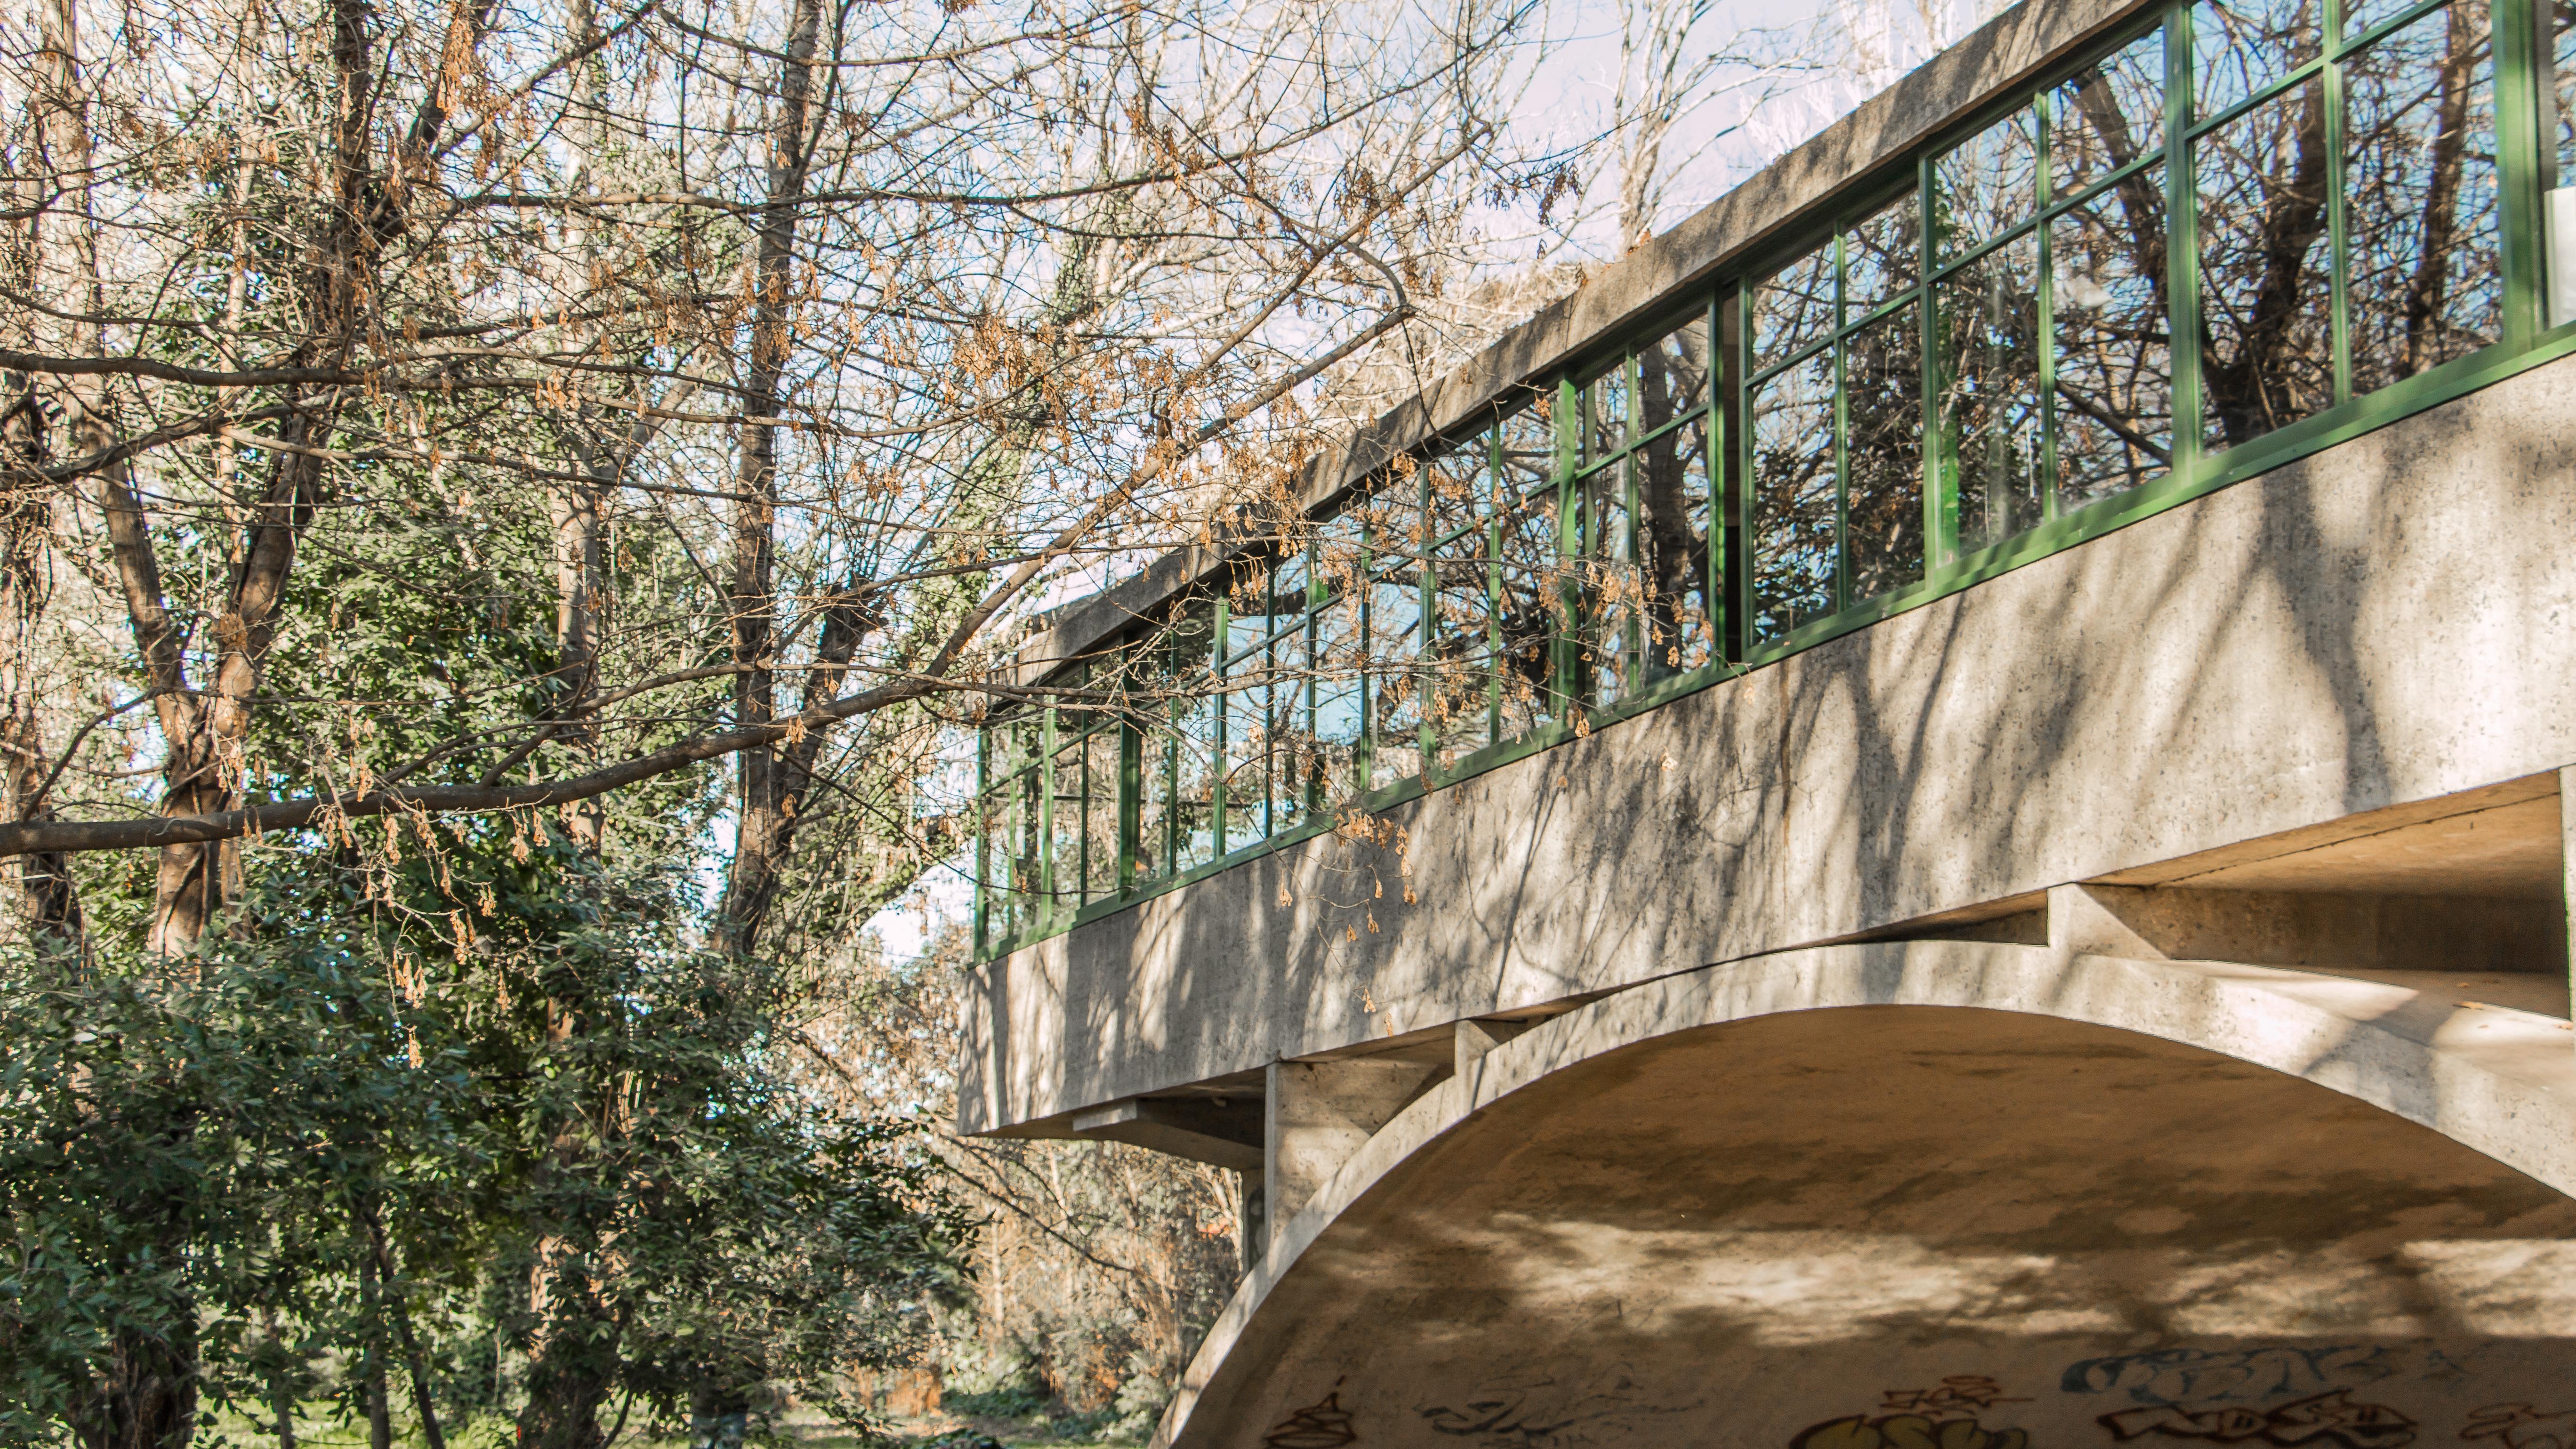 Parete Dacqua In Casa : Immagini belle architettura ponte finestra parete facciata